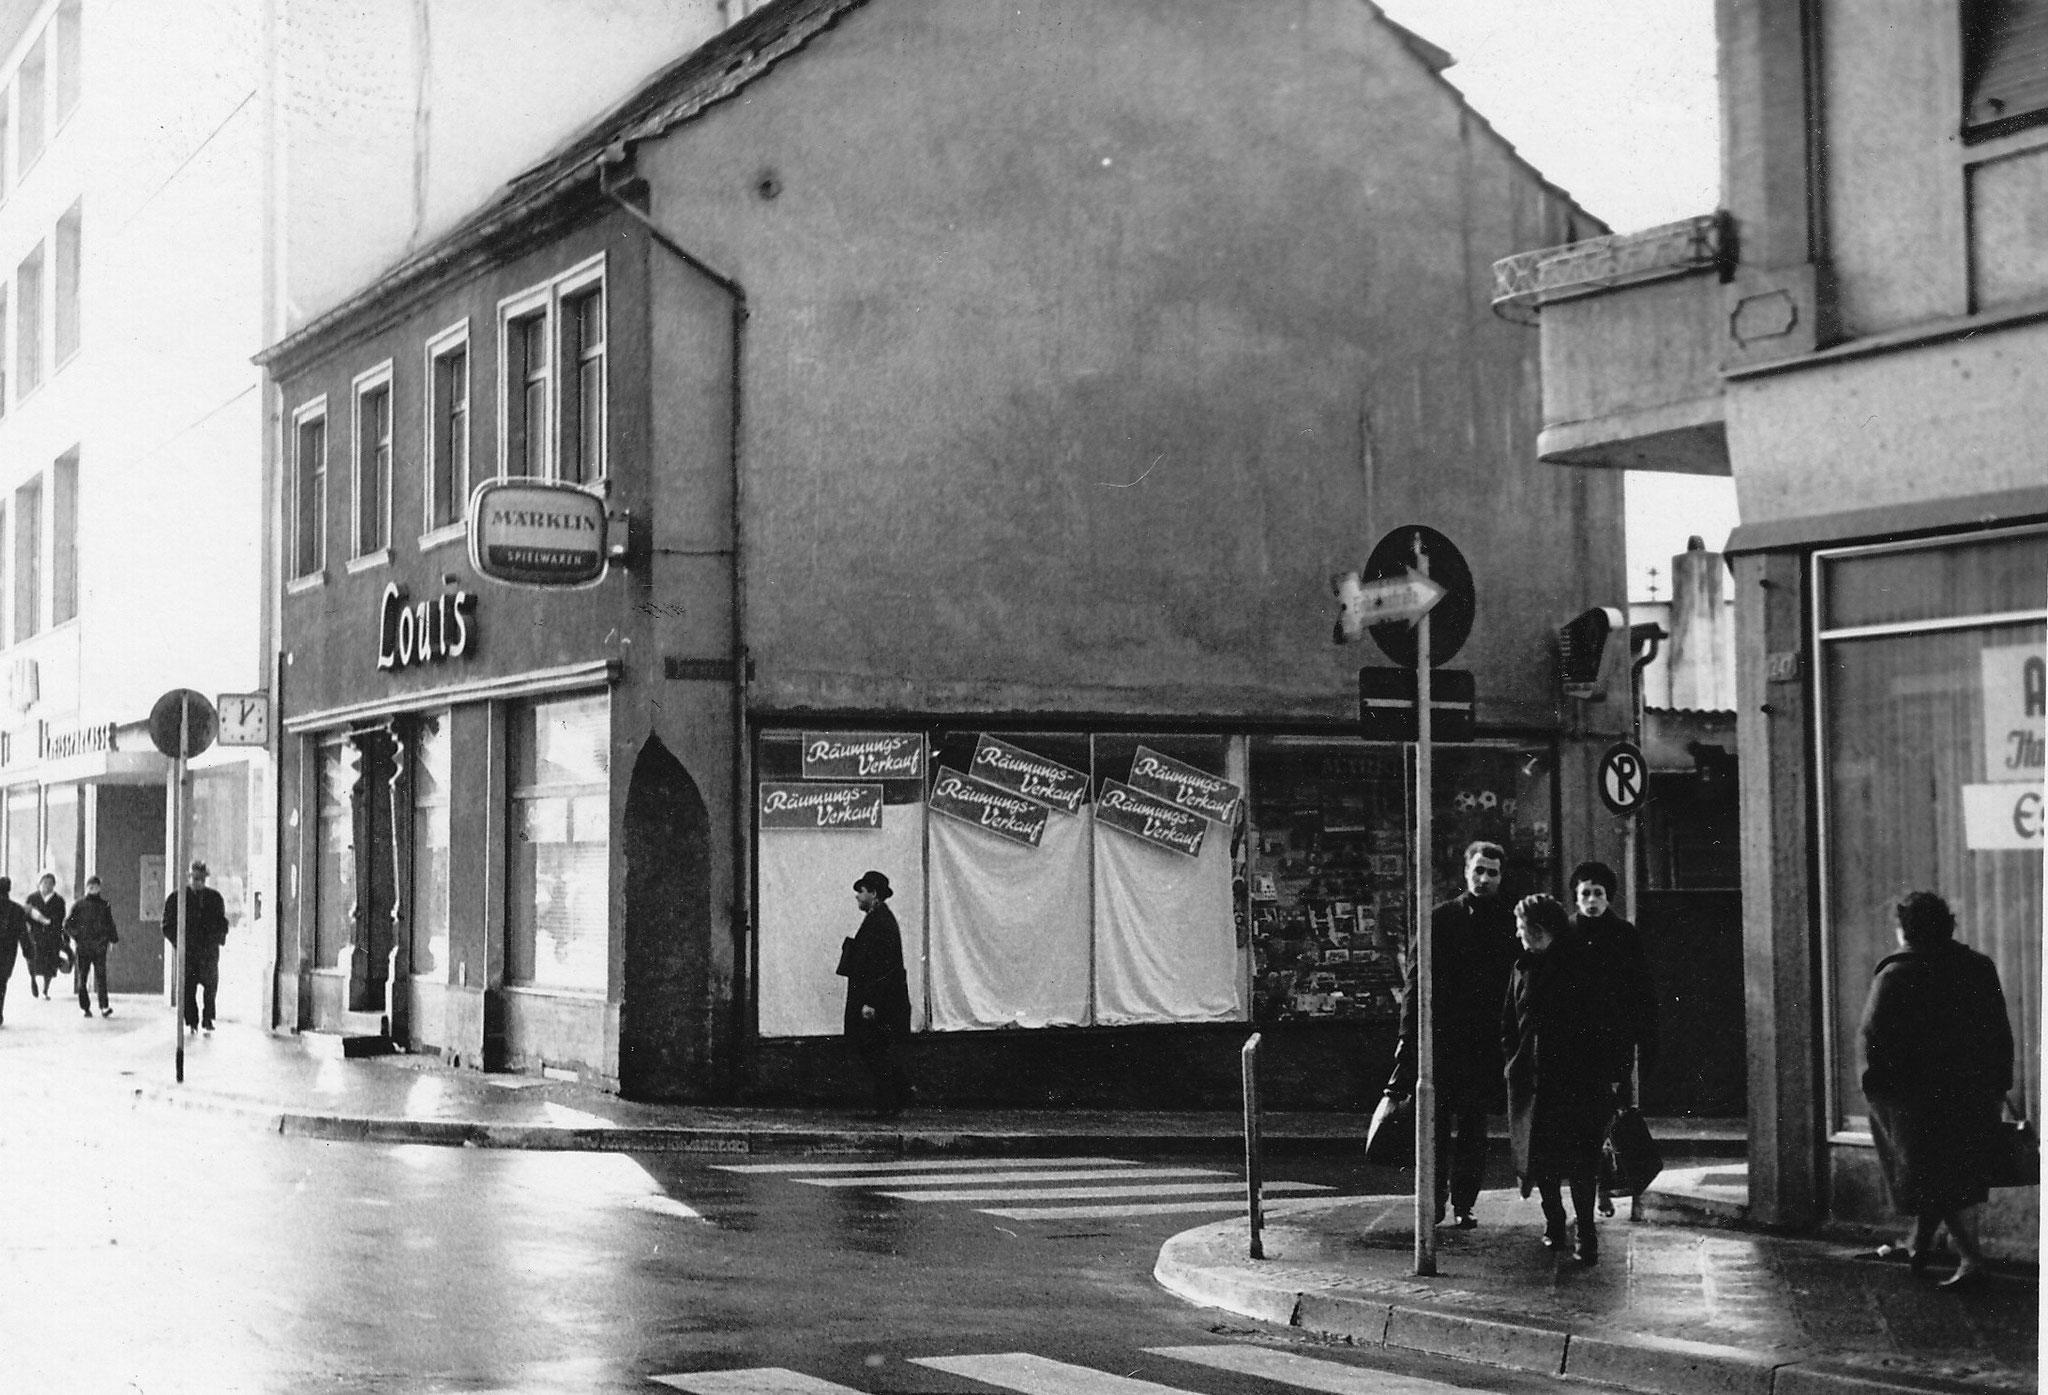 Geschäft von Franz Louis 1967 vor Abriss